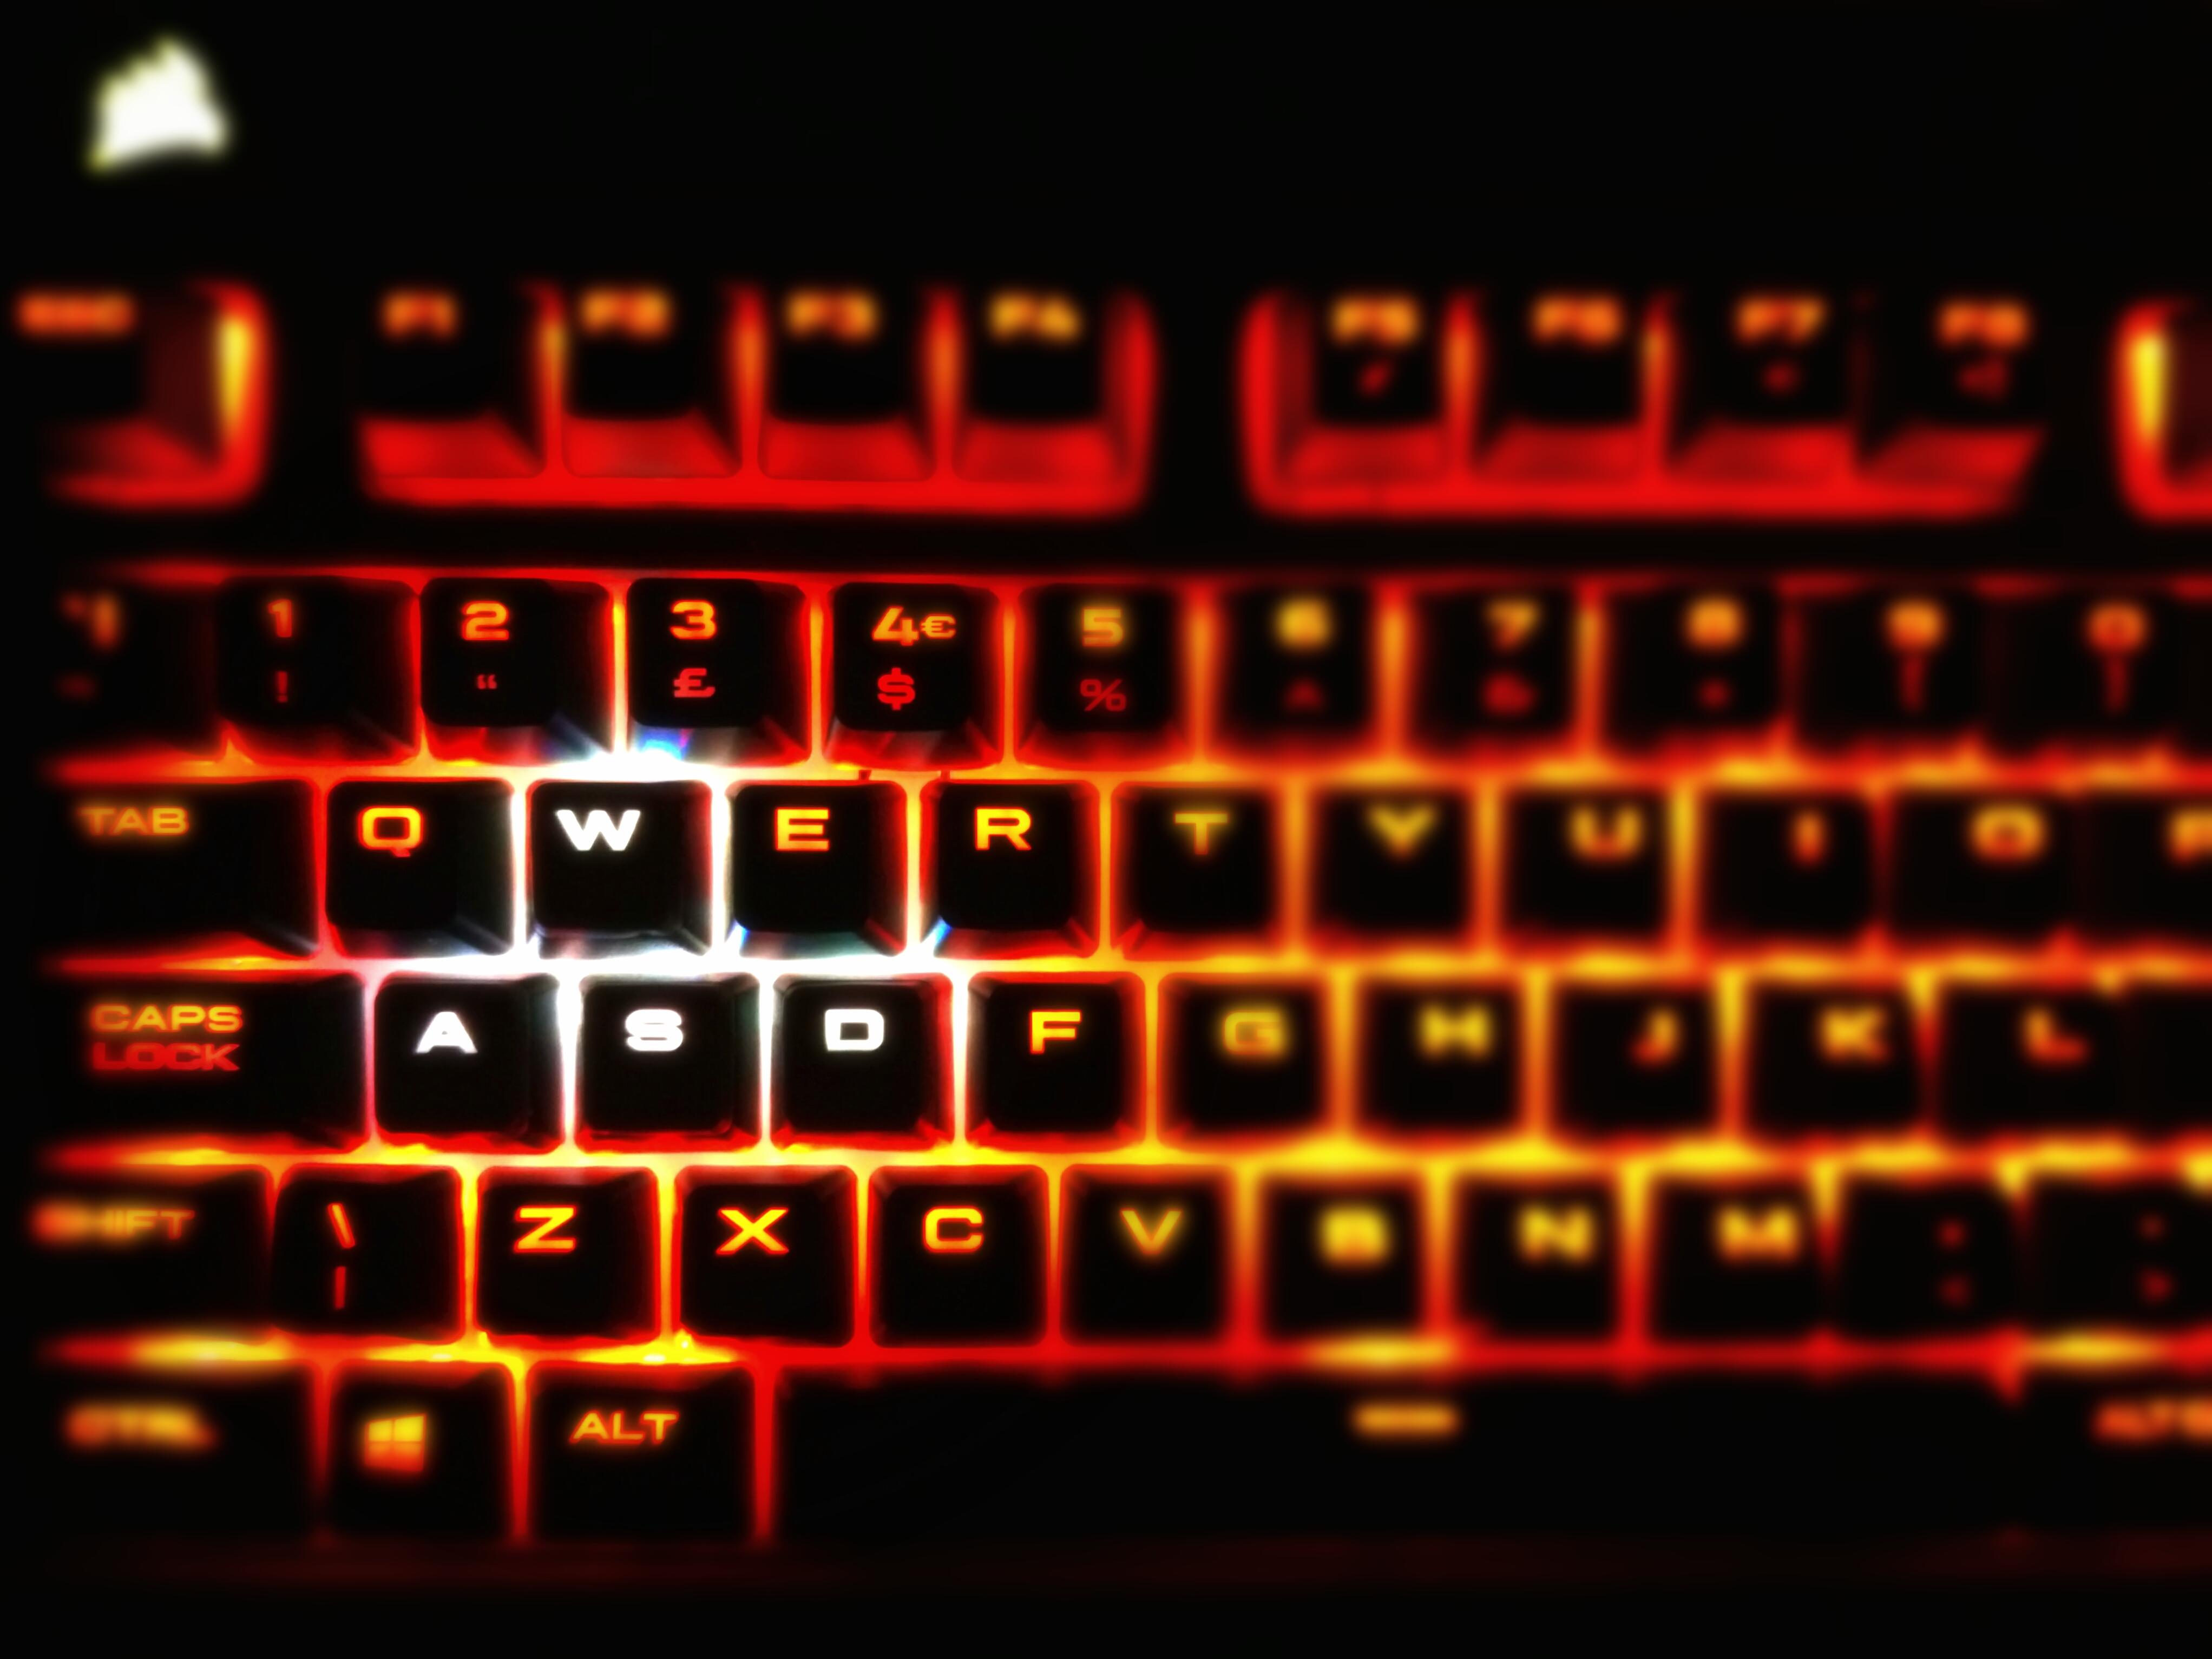 デスクトップ壁紙 ダーク 赤 テキスト 数字 コンピューター オレンジ 技術 ゲーマー ネオンサイン 海賊 Qwerty アルファベット セキュリティ それ 光 バックライト付き 手紙 色 闇 ゲーム ガジェット Pc コンピュータの壁紙 フォント 表示装置